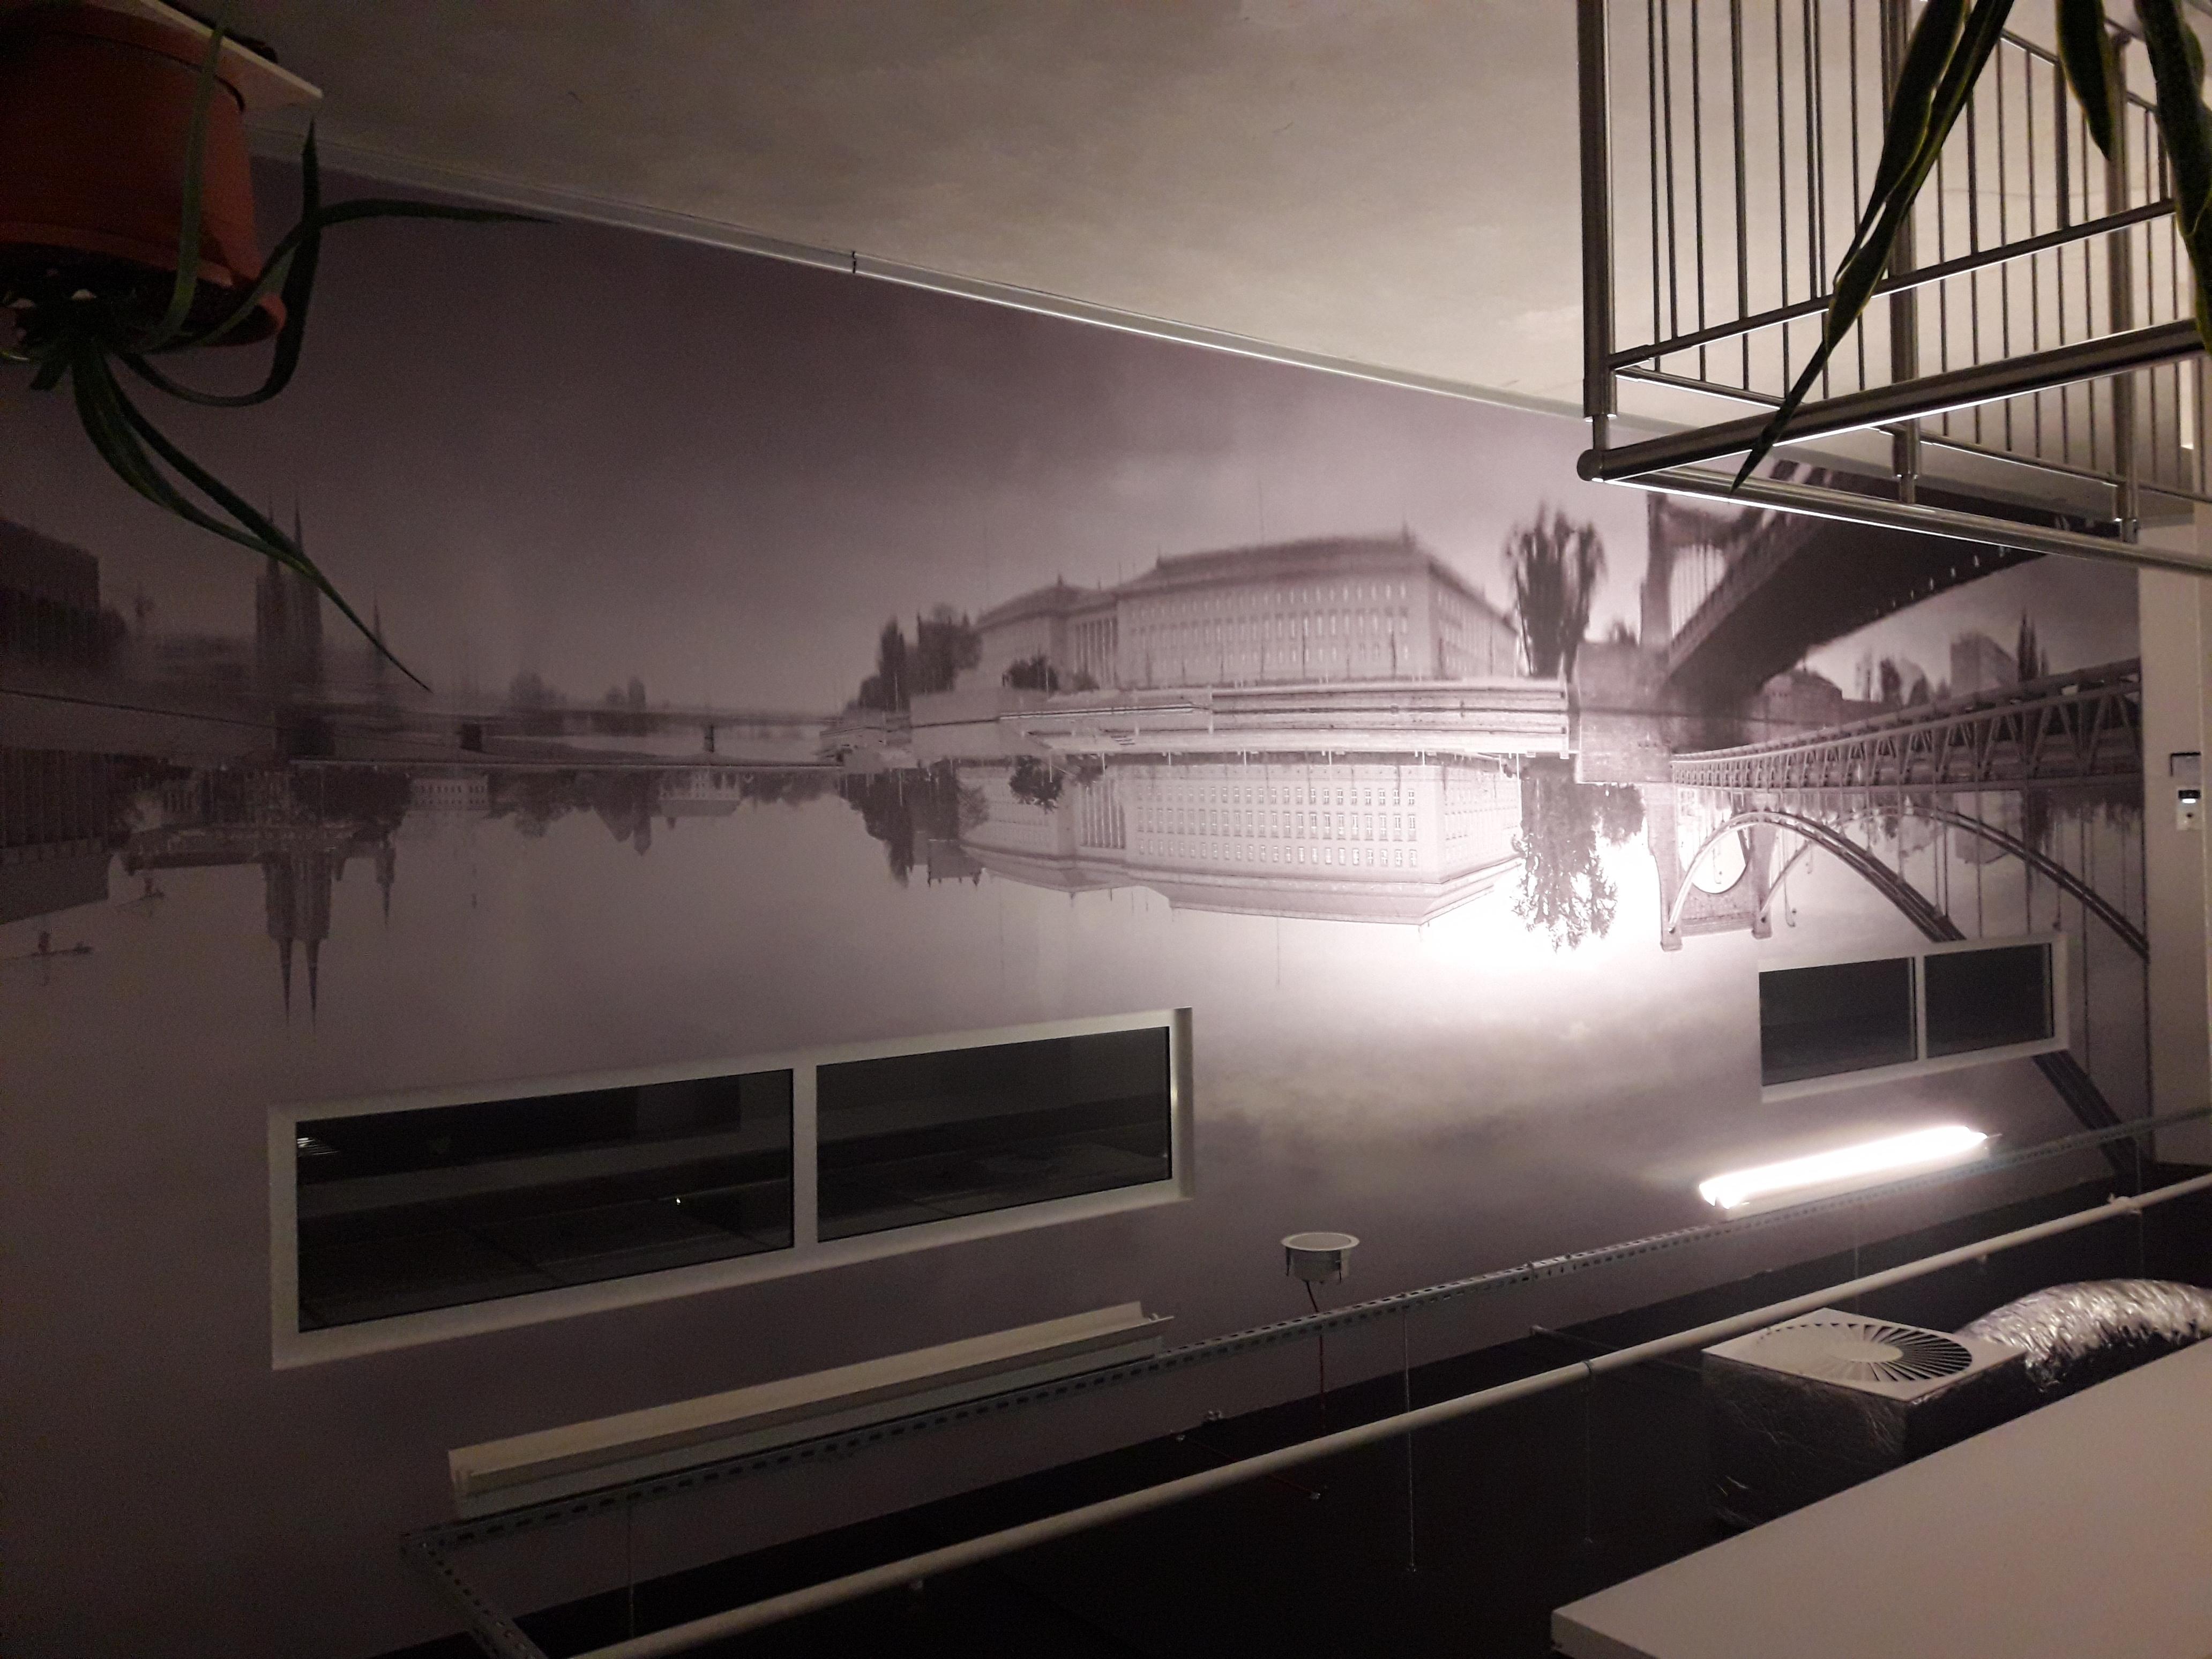 realizacja-fototapety-dla-wroclawskie-mieszkania.jpg